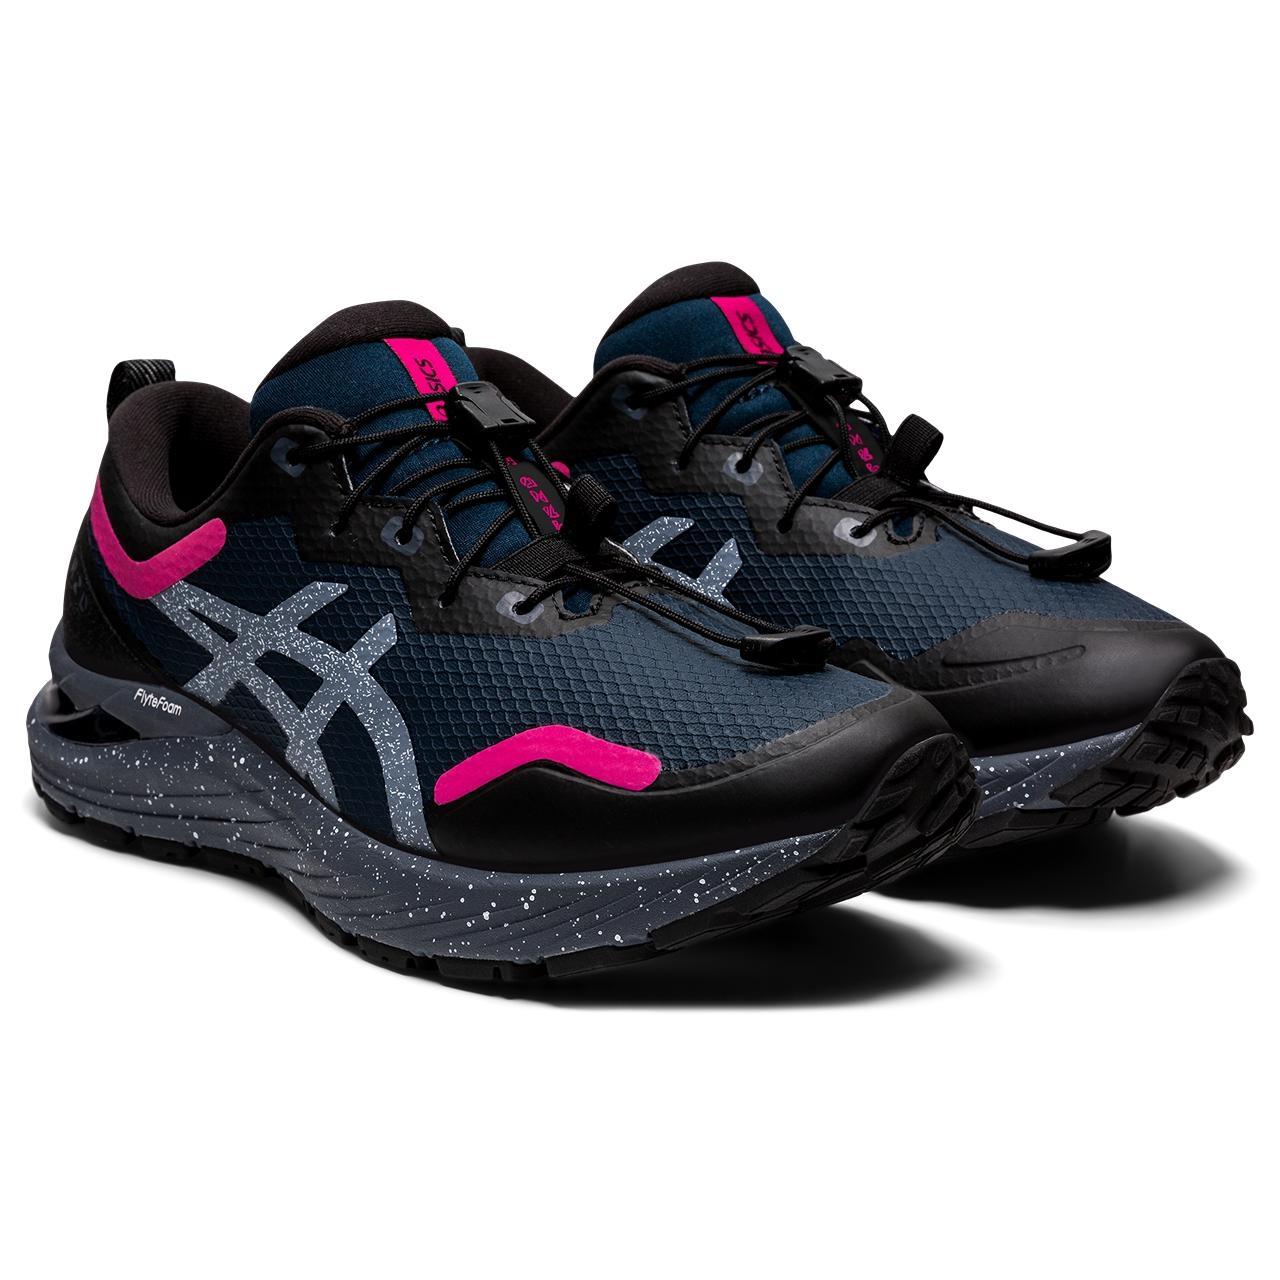 Image of asics GEL-Cumulus 23 AWL Running Shoe Women - french blue/pink rave